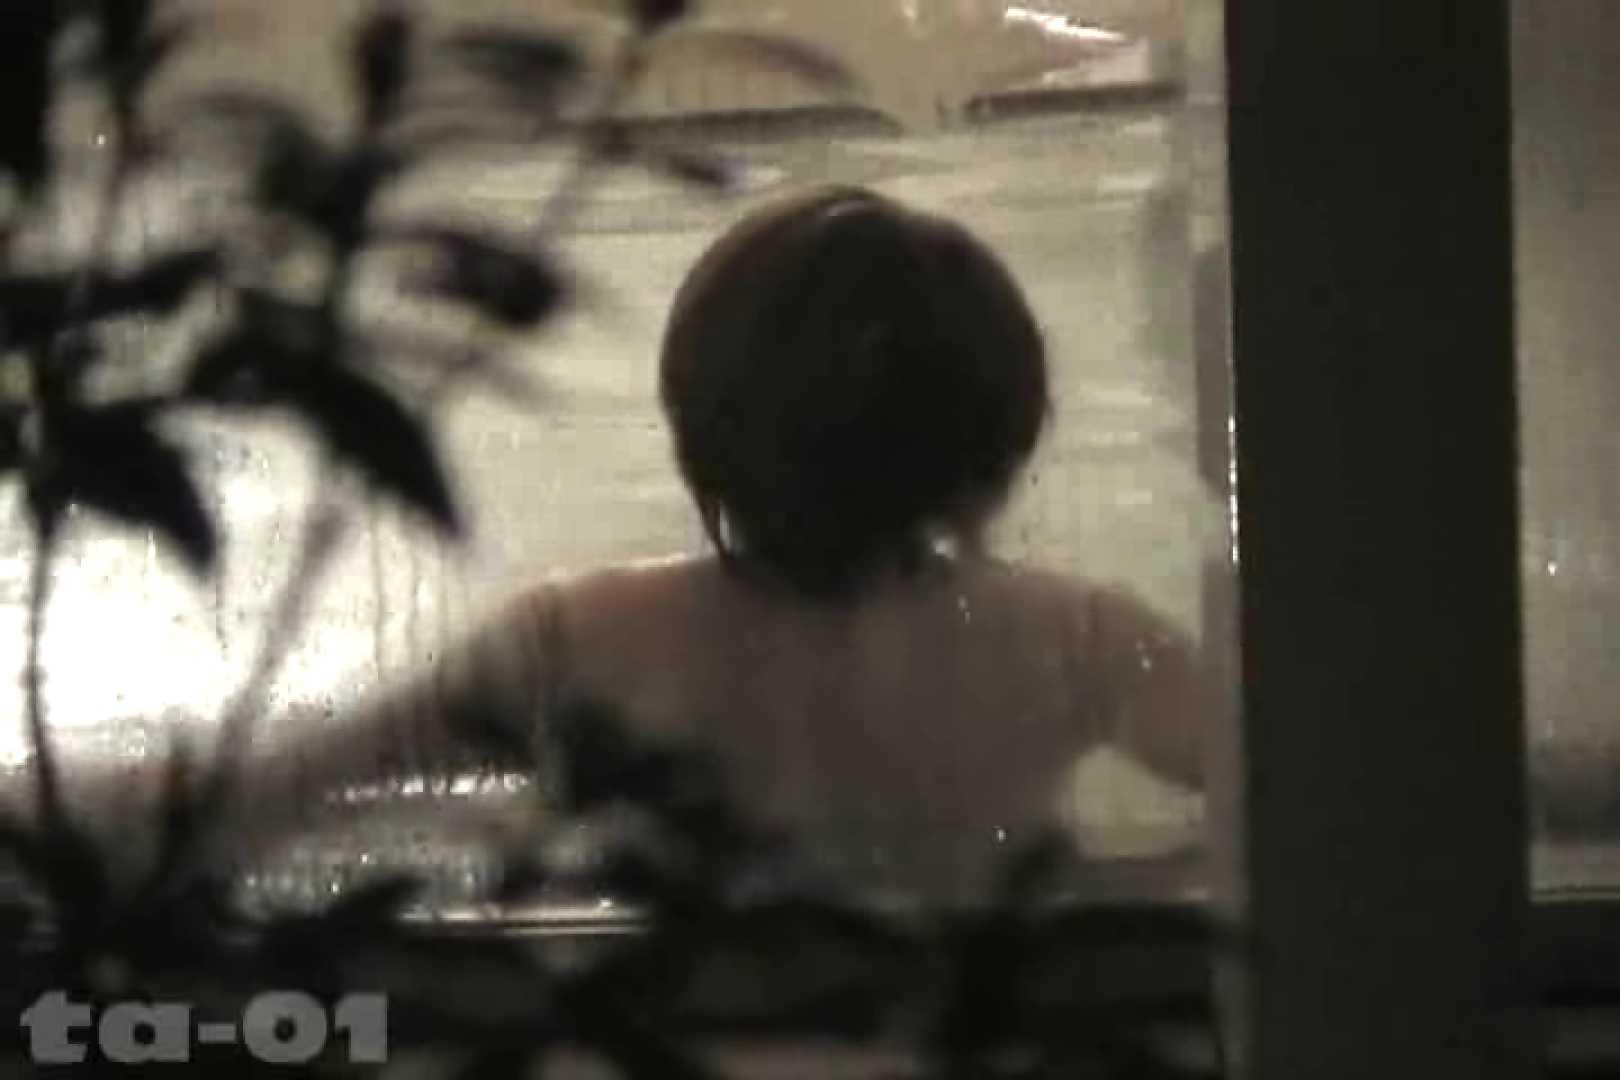 合宿ホテル女風呂盗撮高画質版 Vol.01 高画質 盗み撮り動画キャプチャ 98pic 44